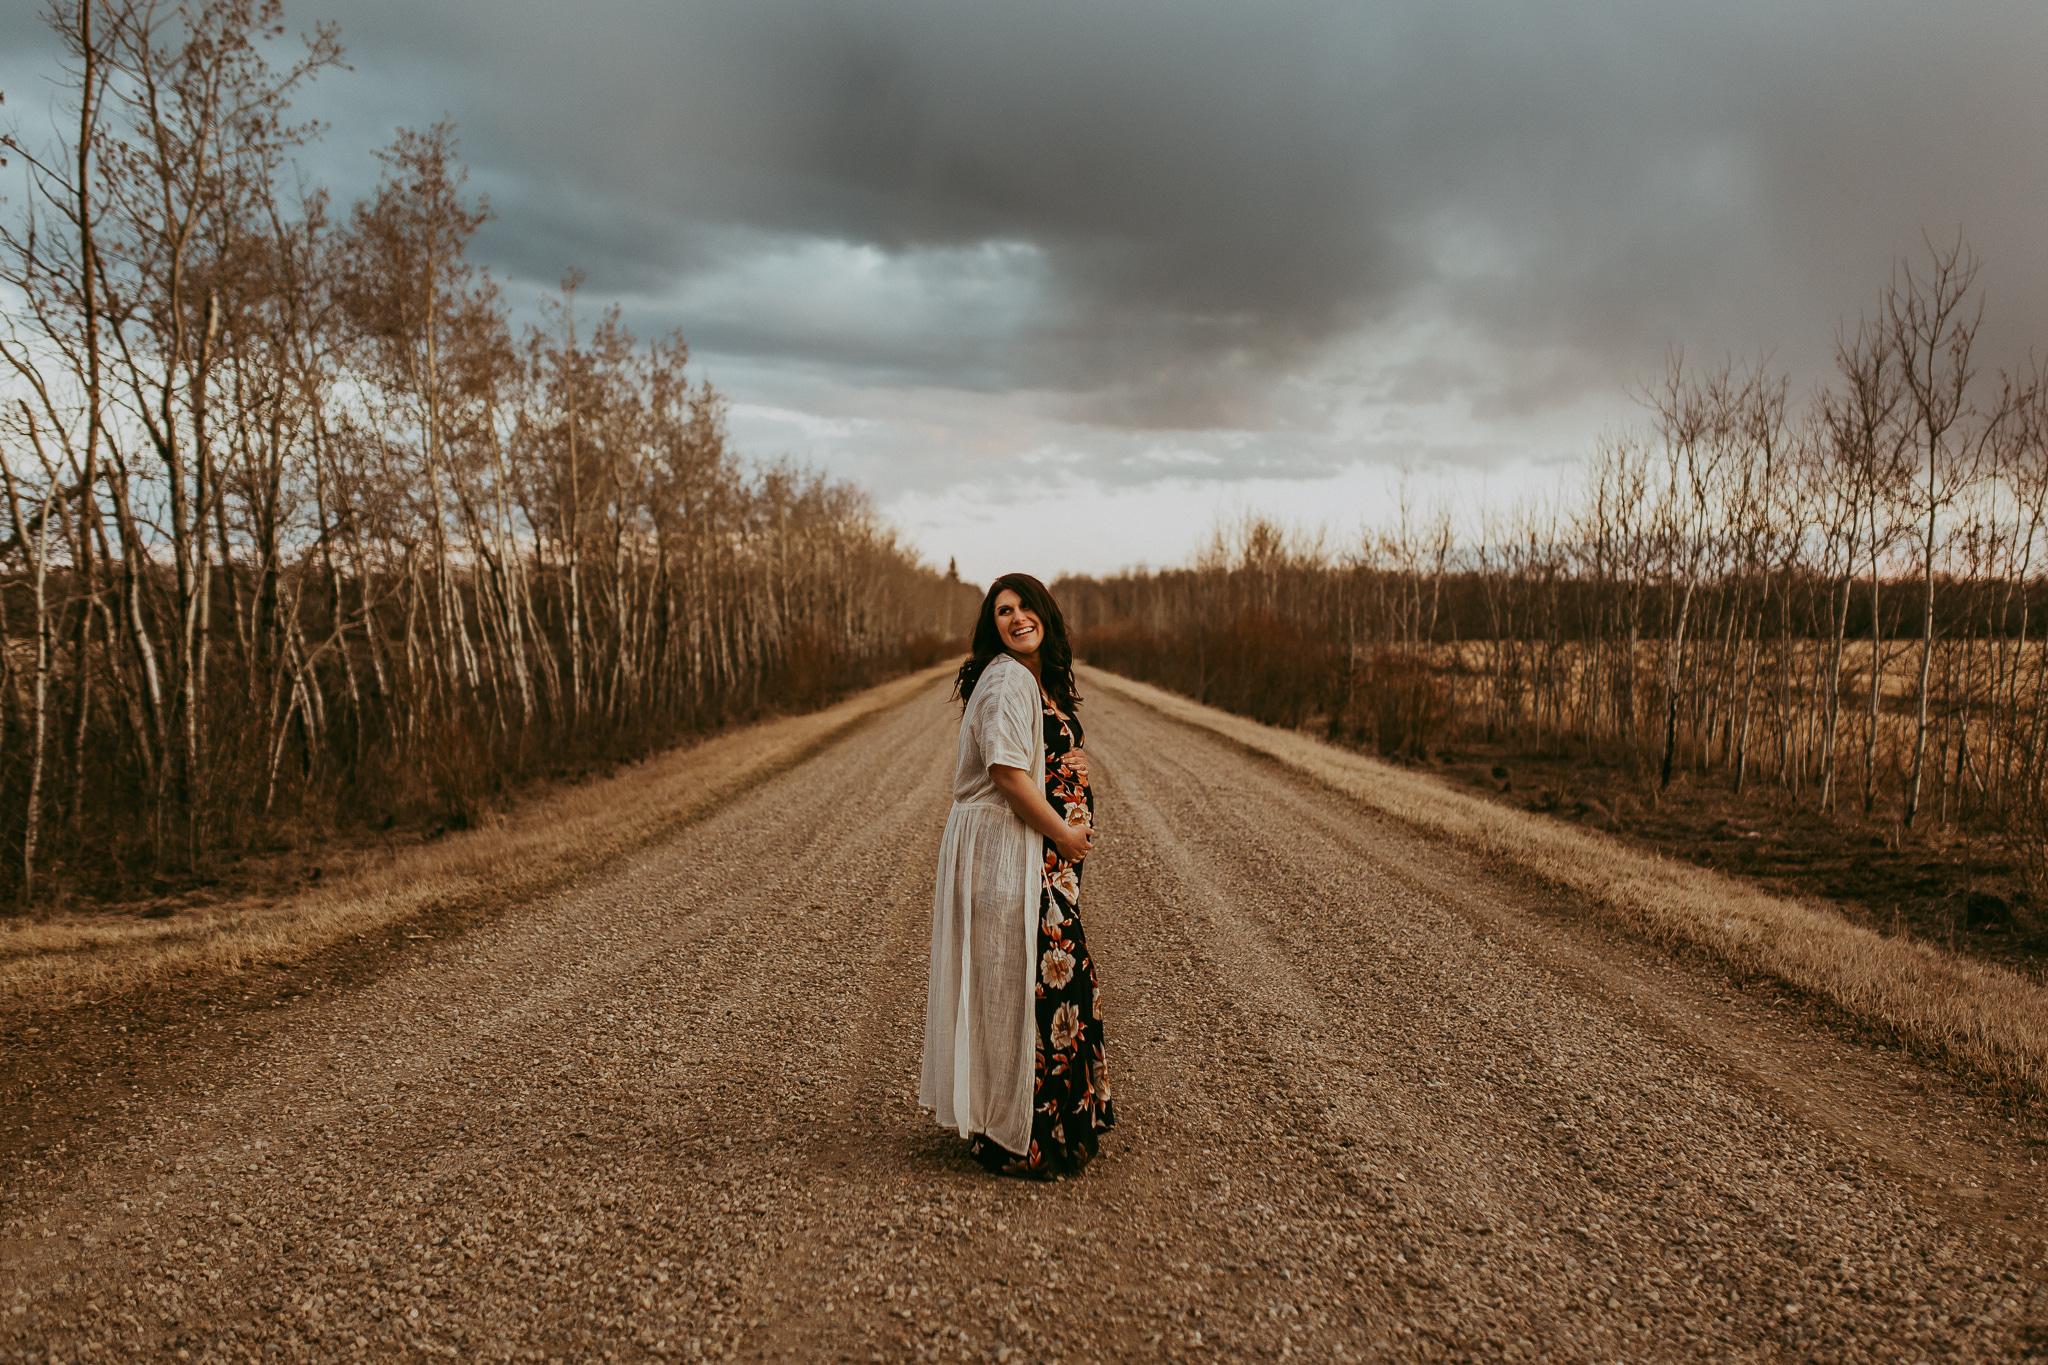 Alina-Joy-Photography-Cold-Lake-Lifestyle-Photographer-352.jpg